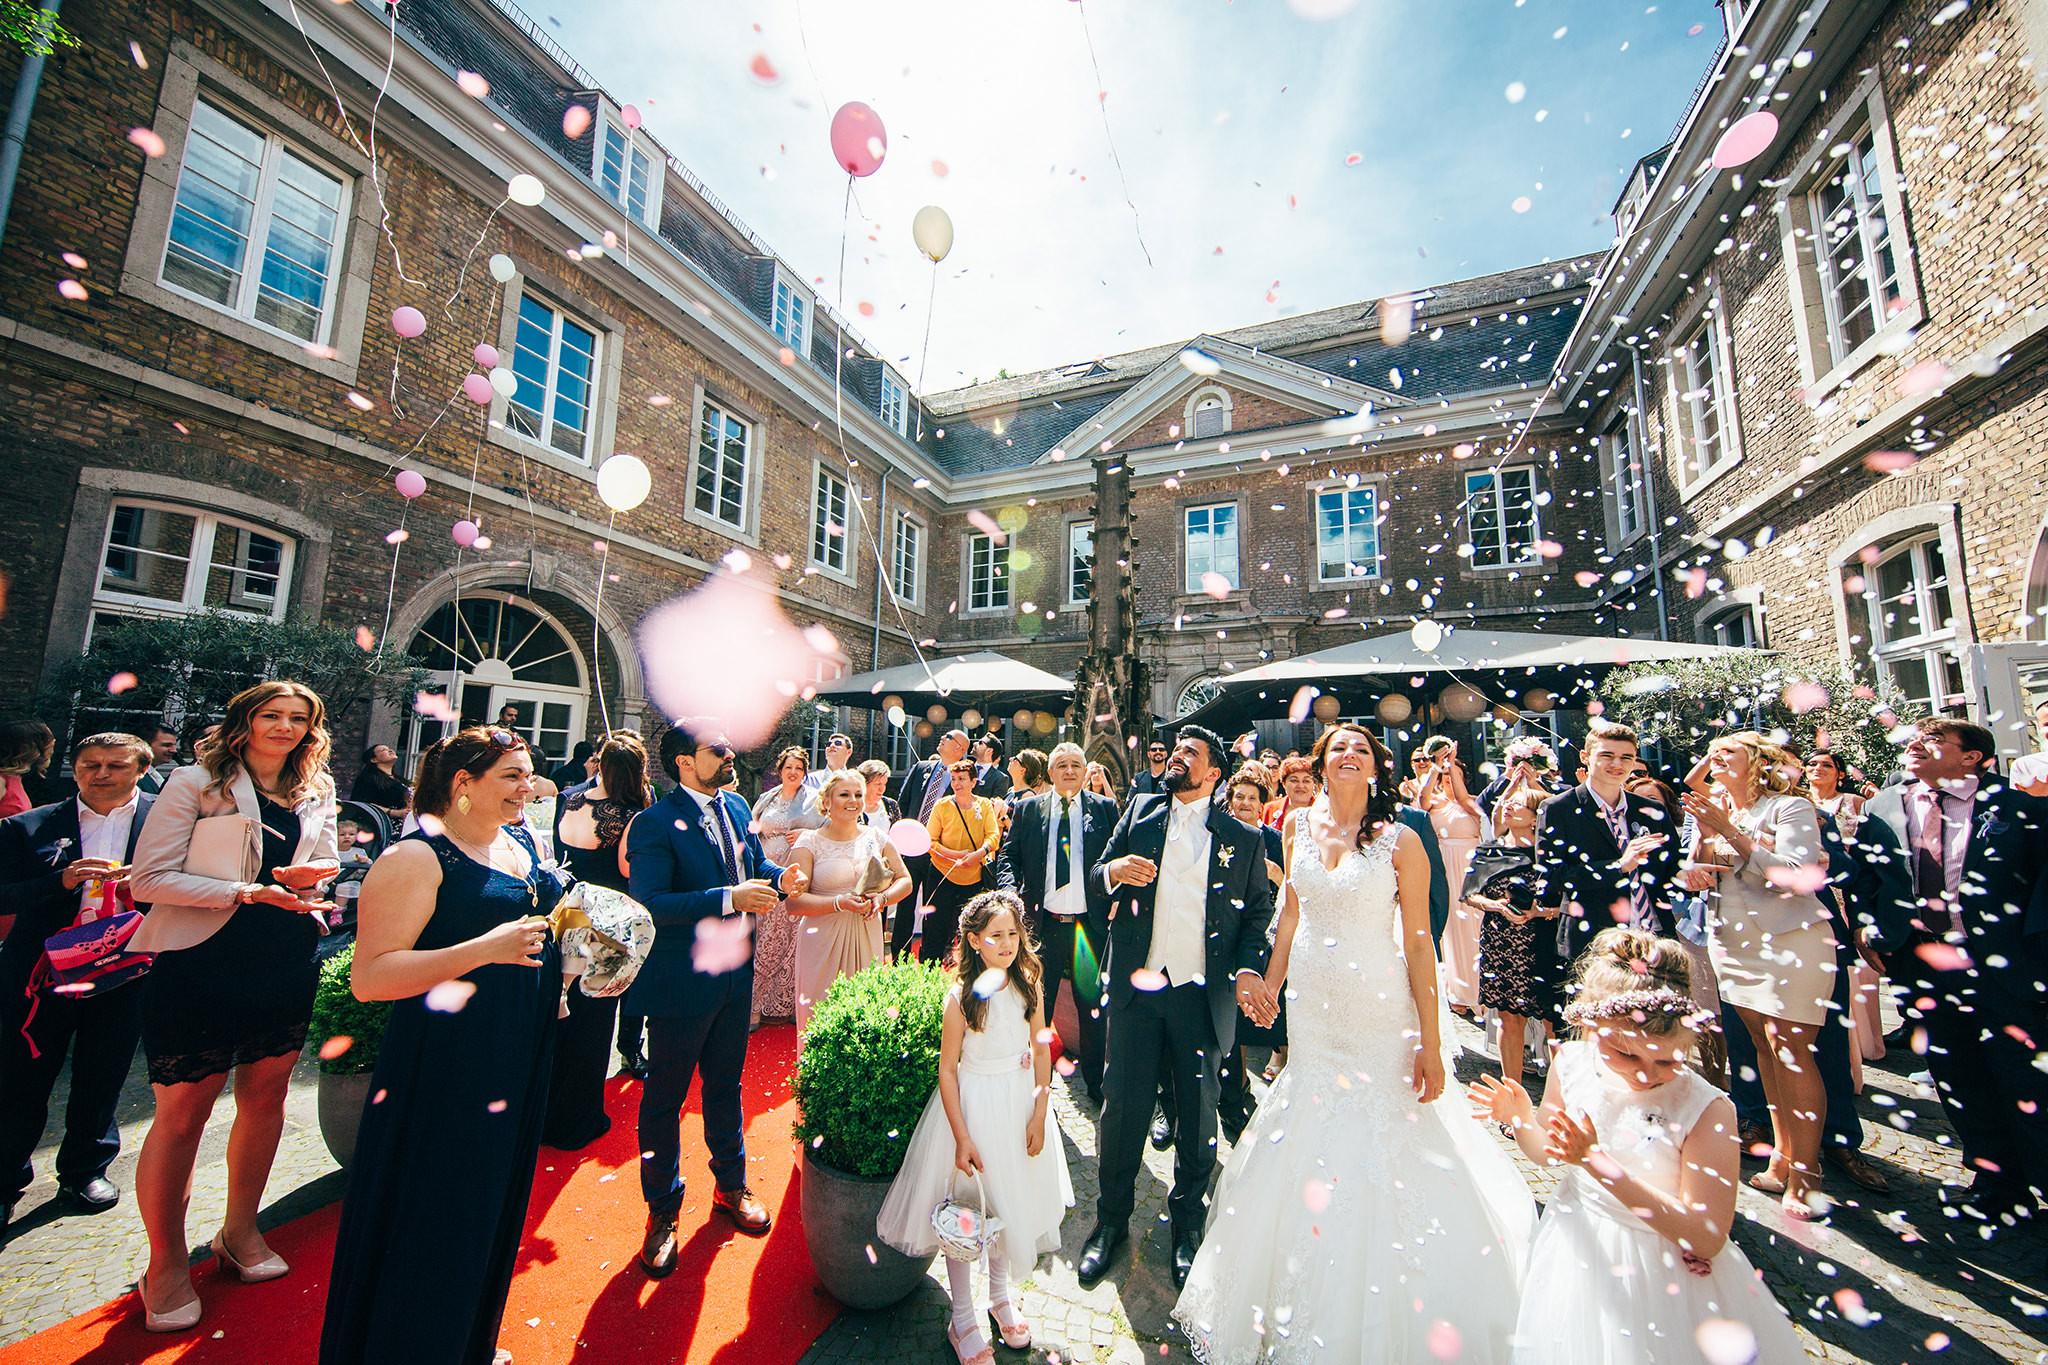 Hochzeit Köln  Hochzeitsfeier in der Kölner Flora & Trauung in der Wolkenburg